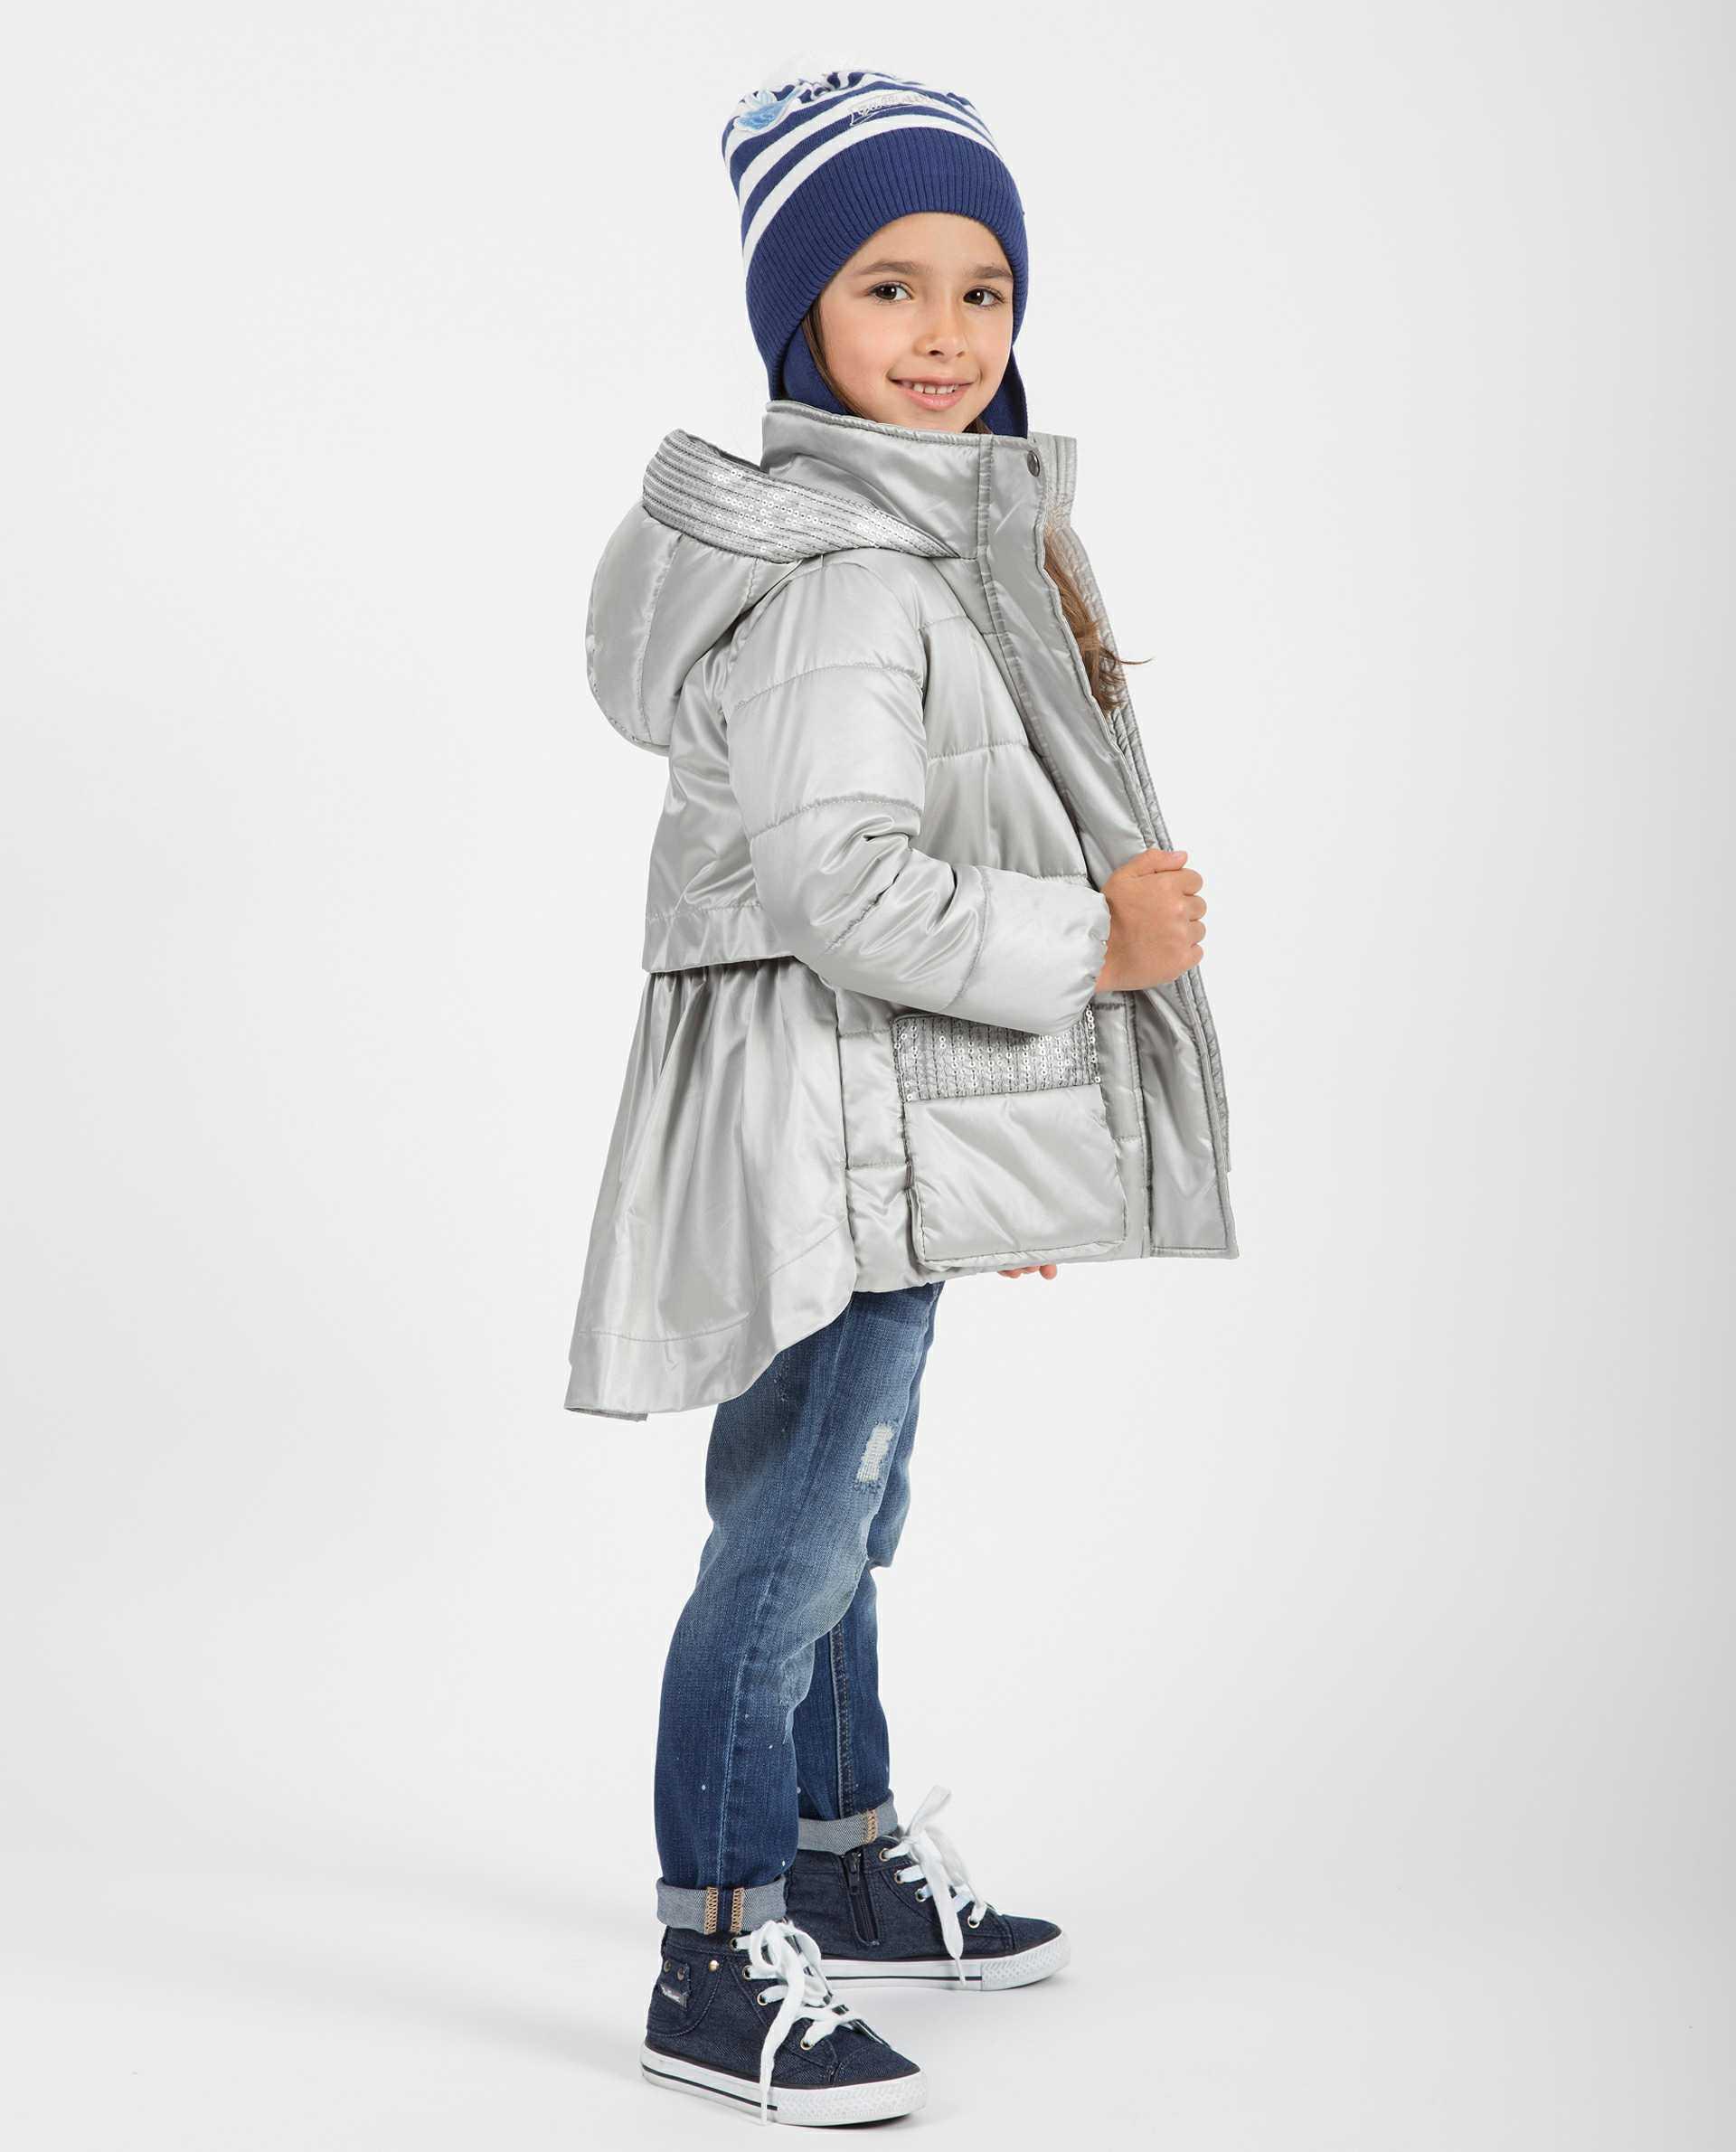 高质量的婴幼儿服装-格列佛在中国销量好